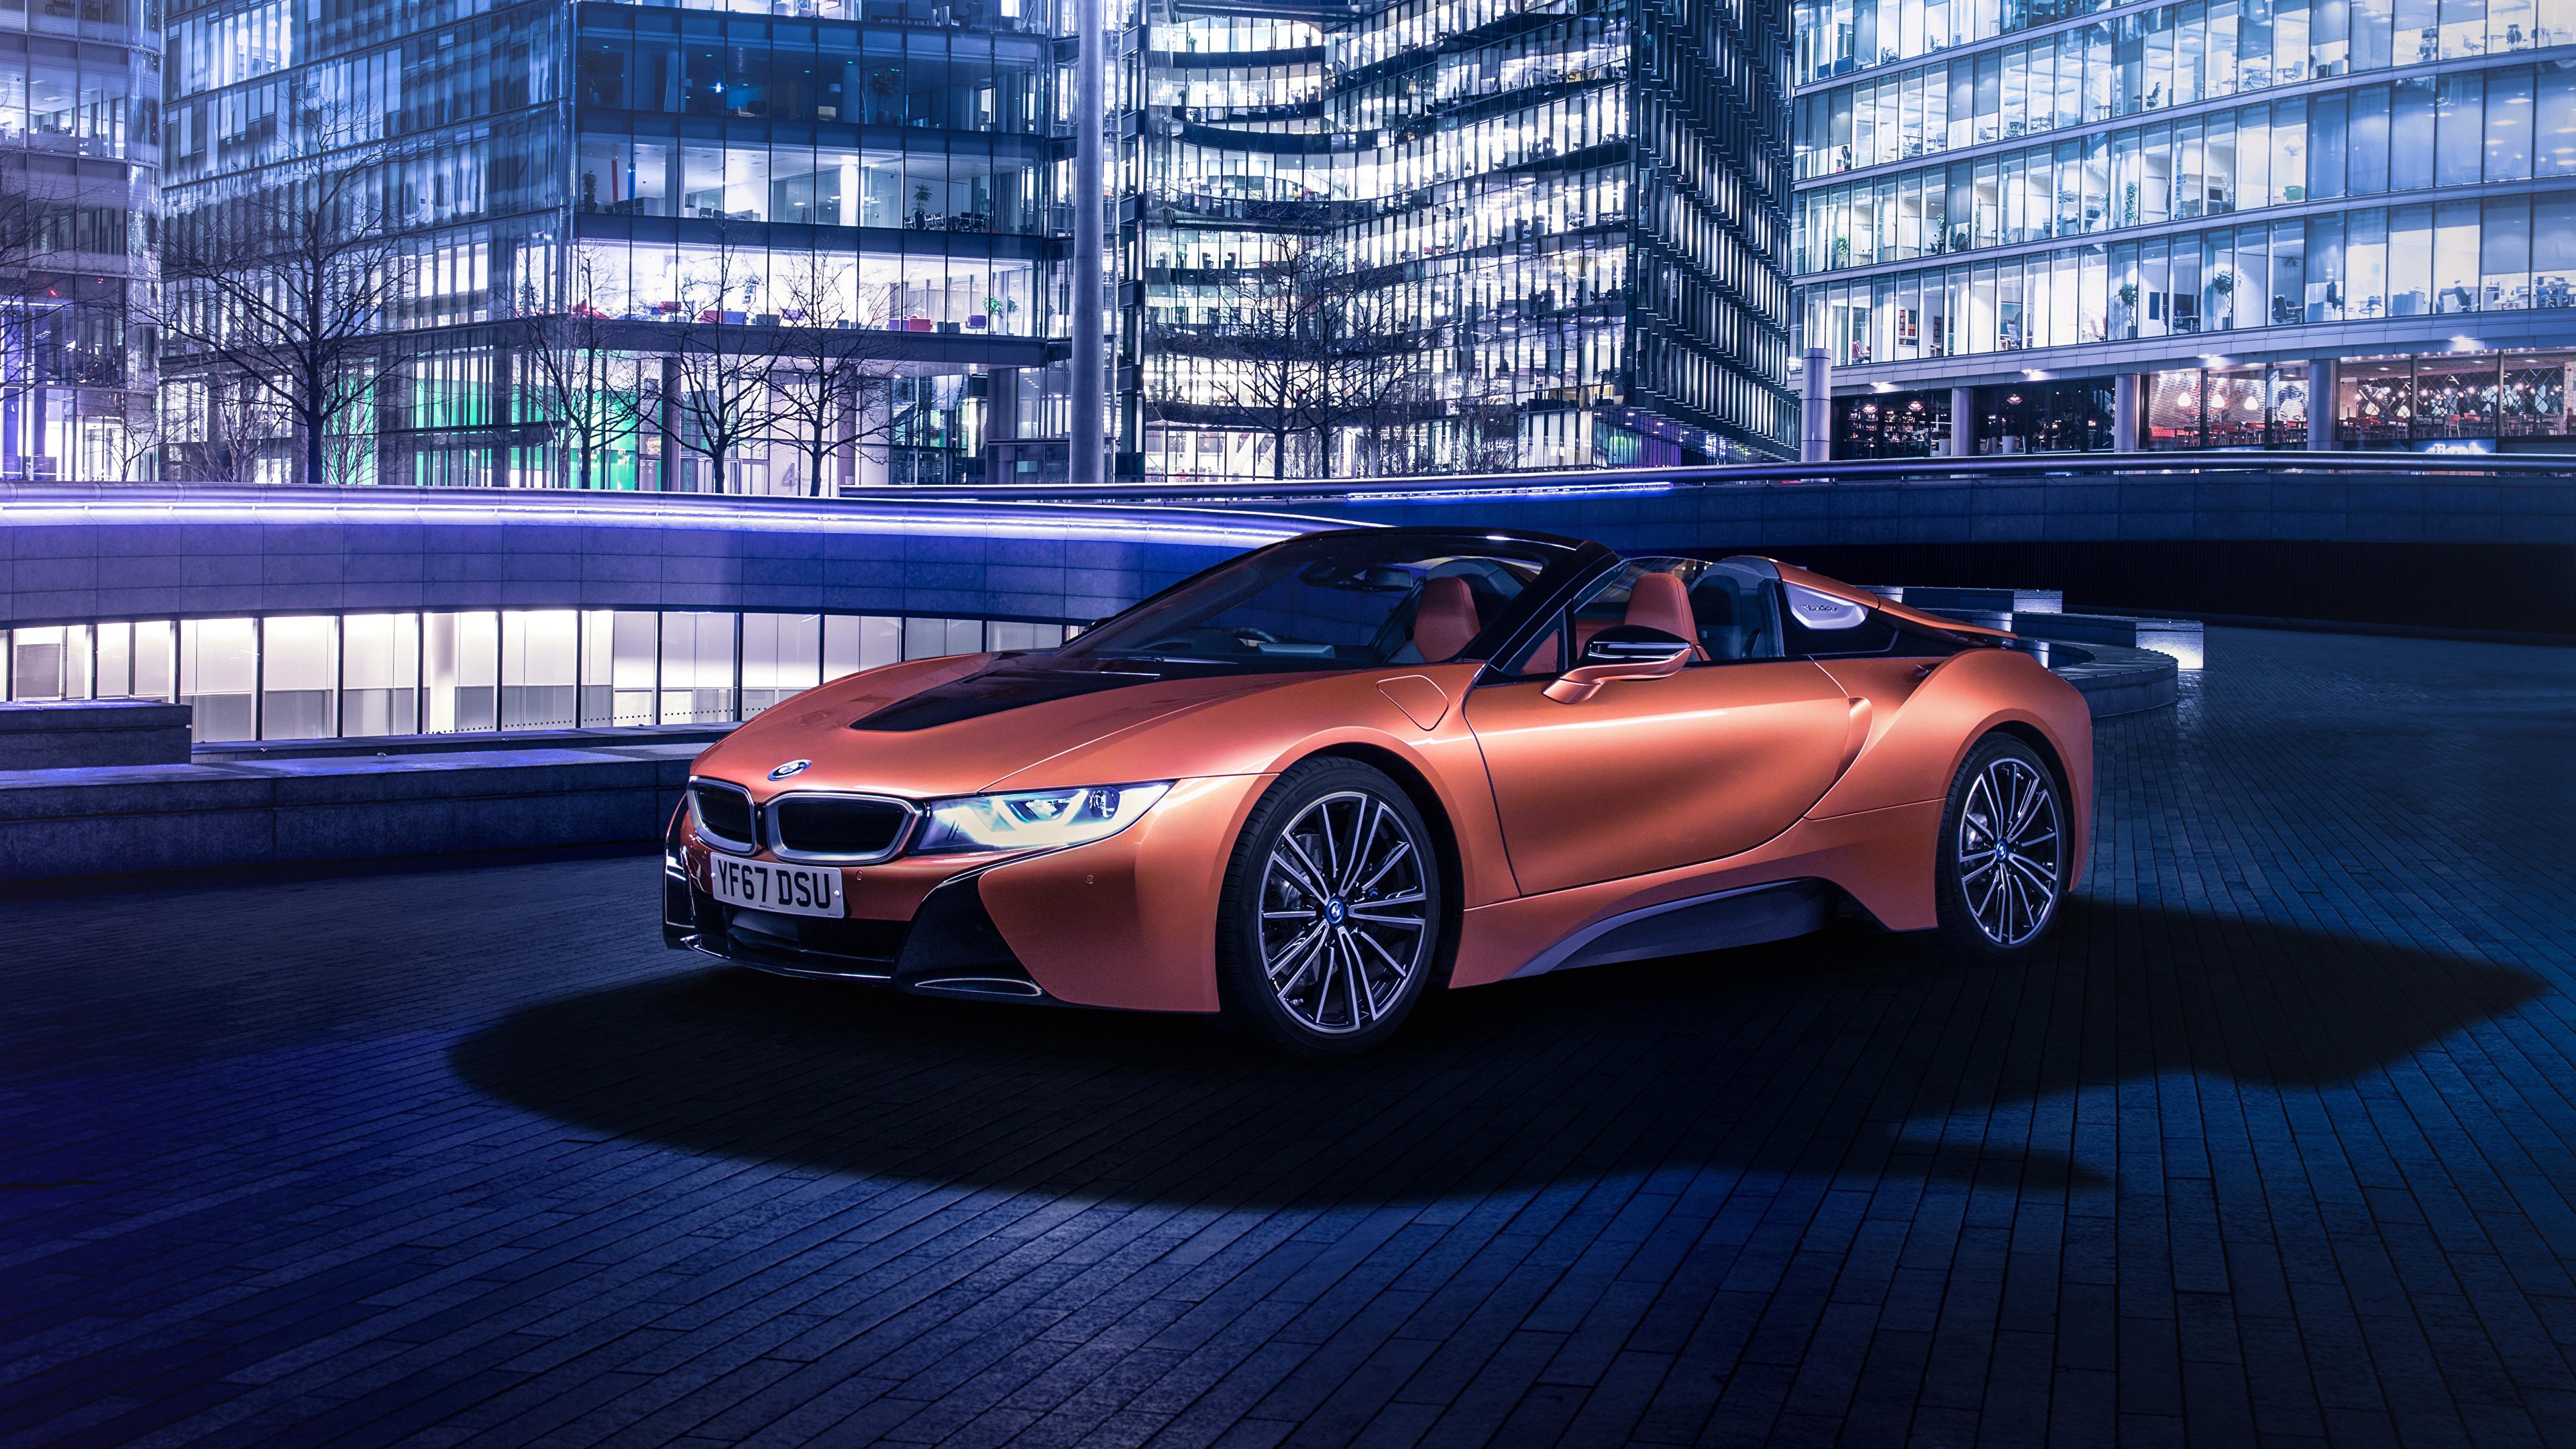 Обои для рабочего стола BMW 2018 i8 Roadster Родстер оранжевые автомобиль 3840x2160 БМВ оранжевых Оранжевый оранжевая авто машина машины Автомобили